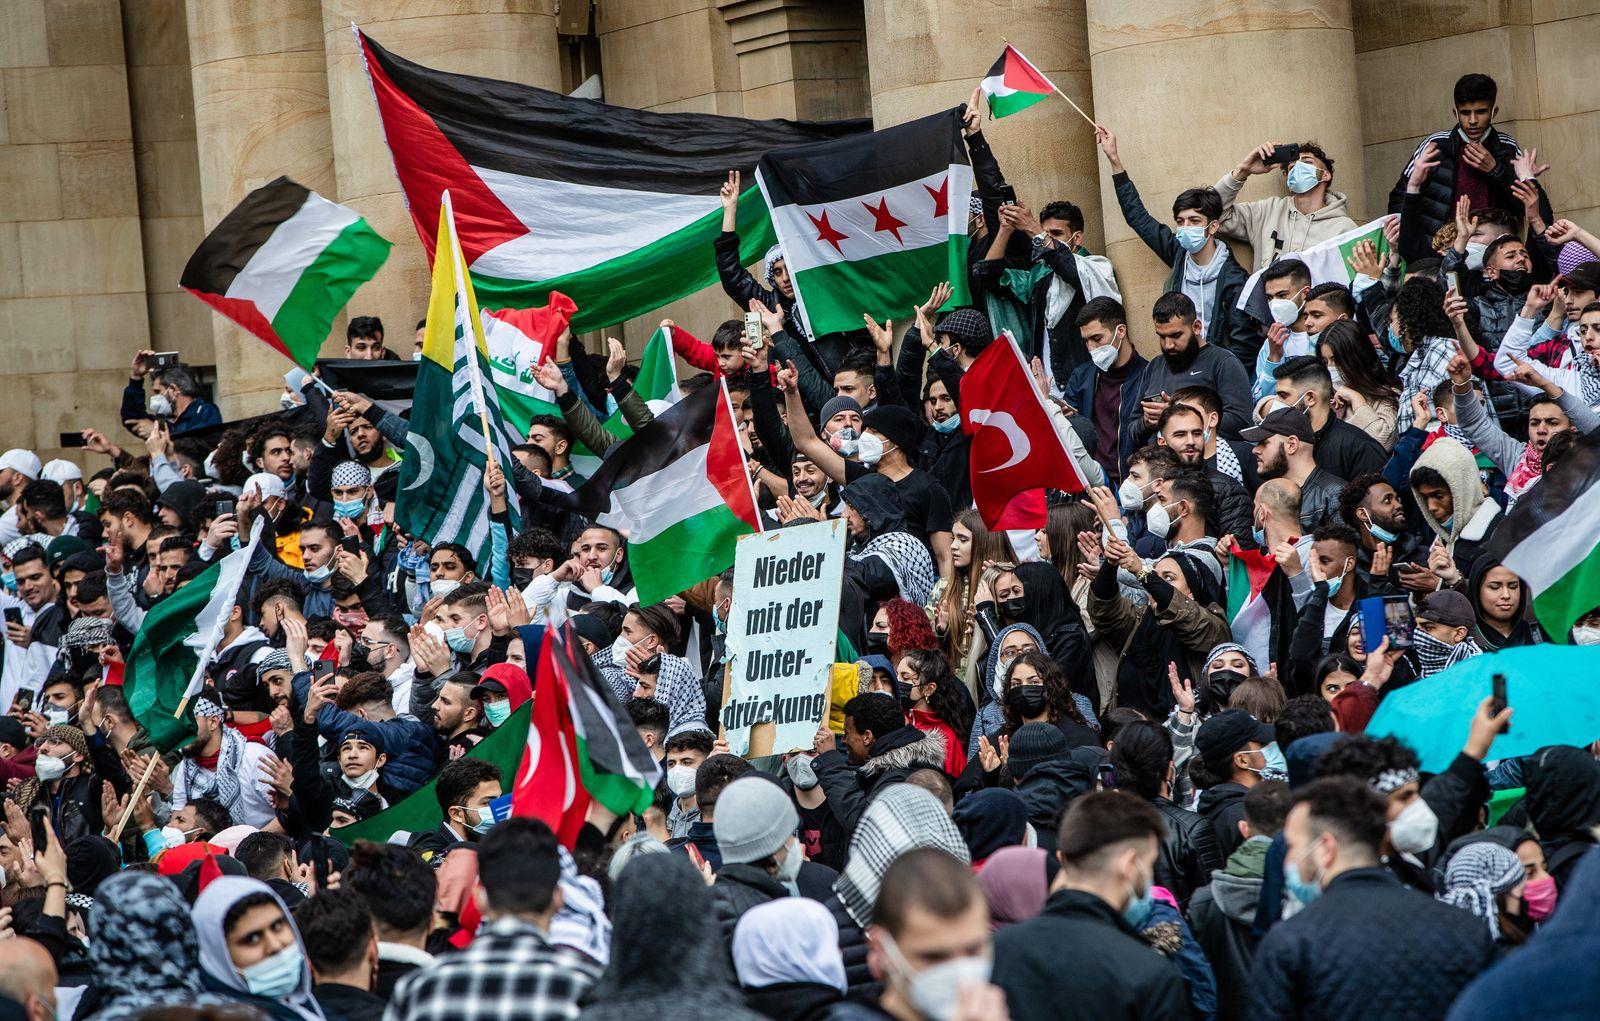 Pro-Palästinensische Demonstrationen - Stuttgart